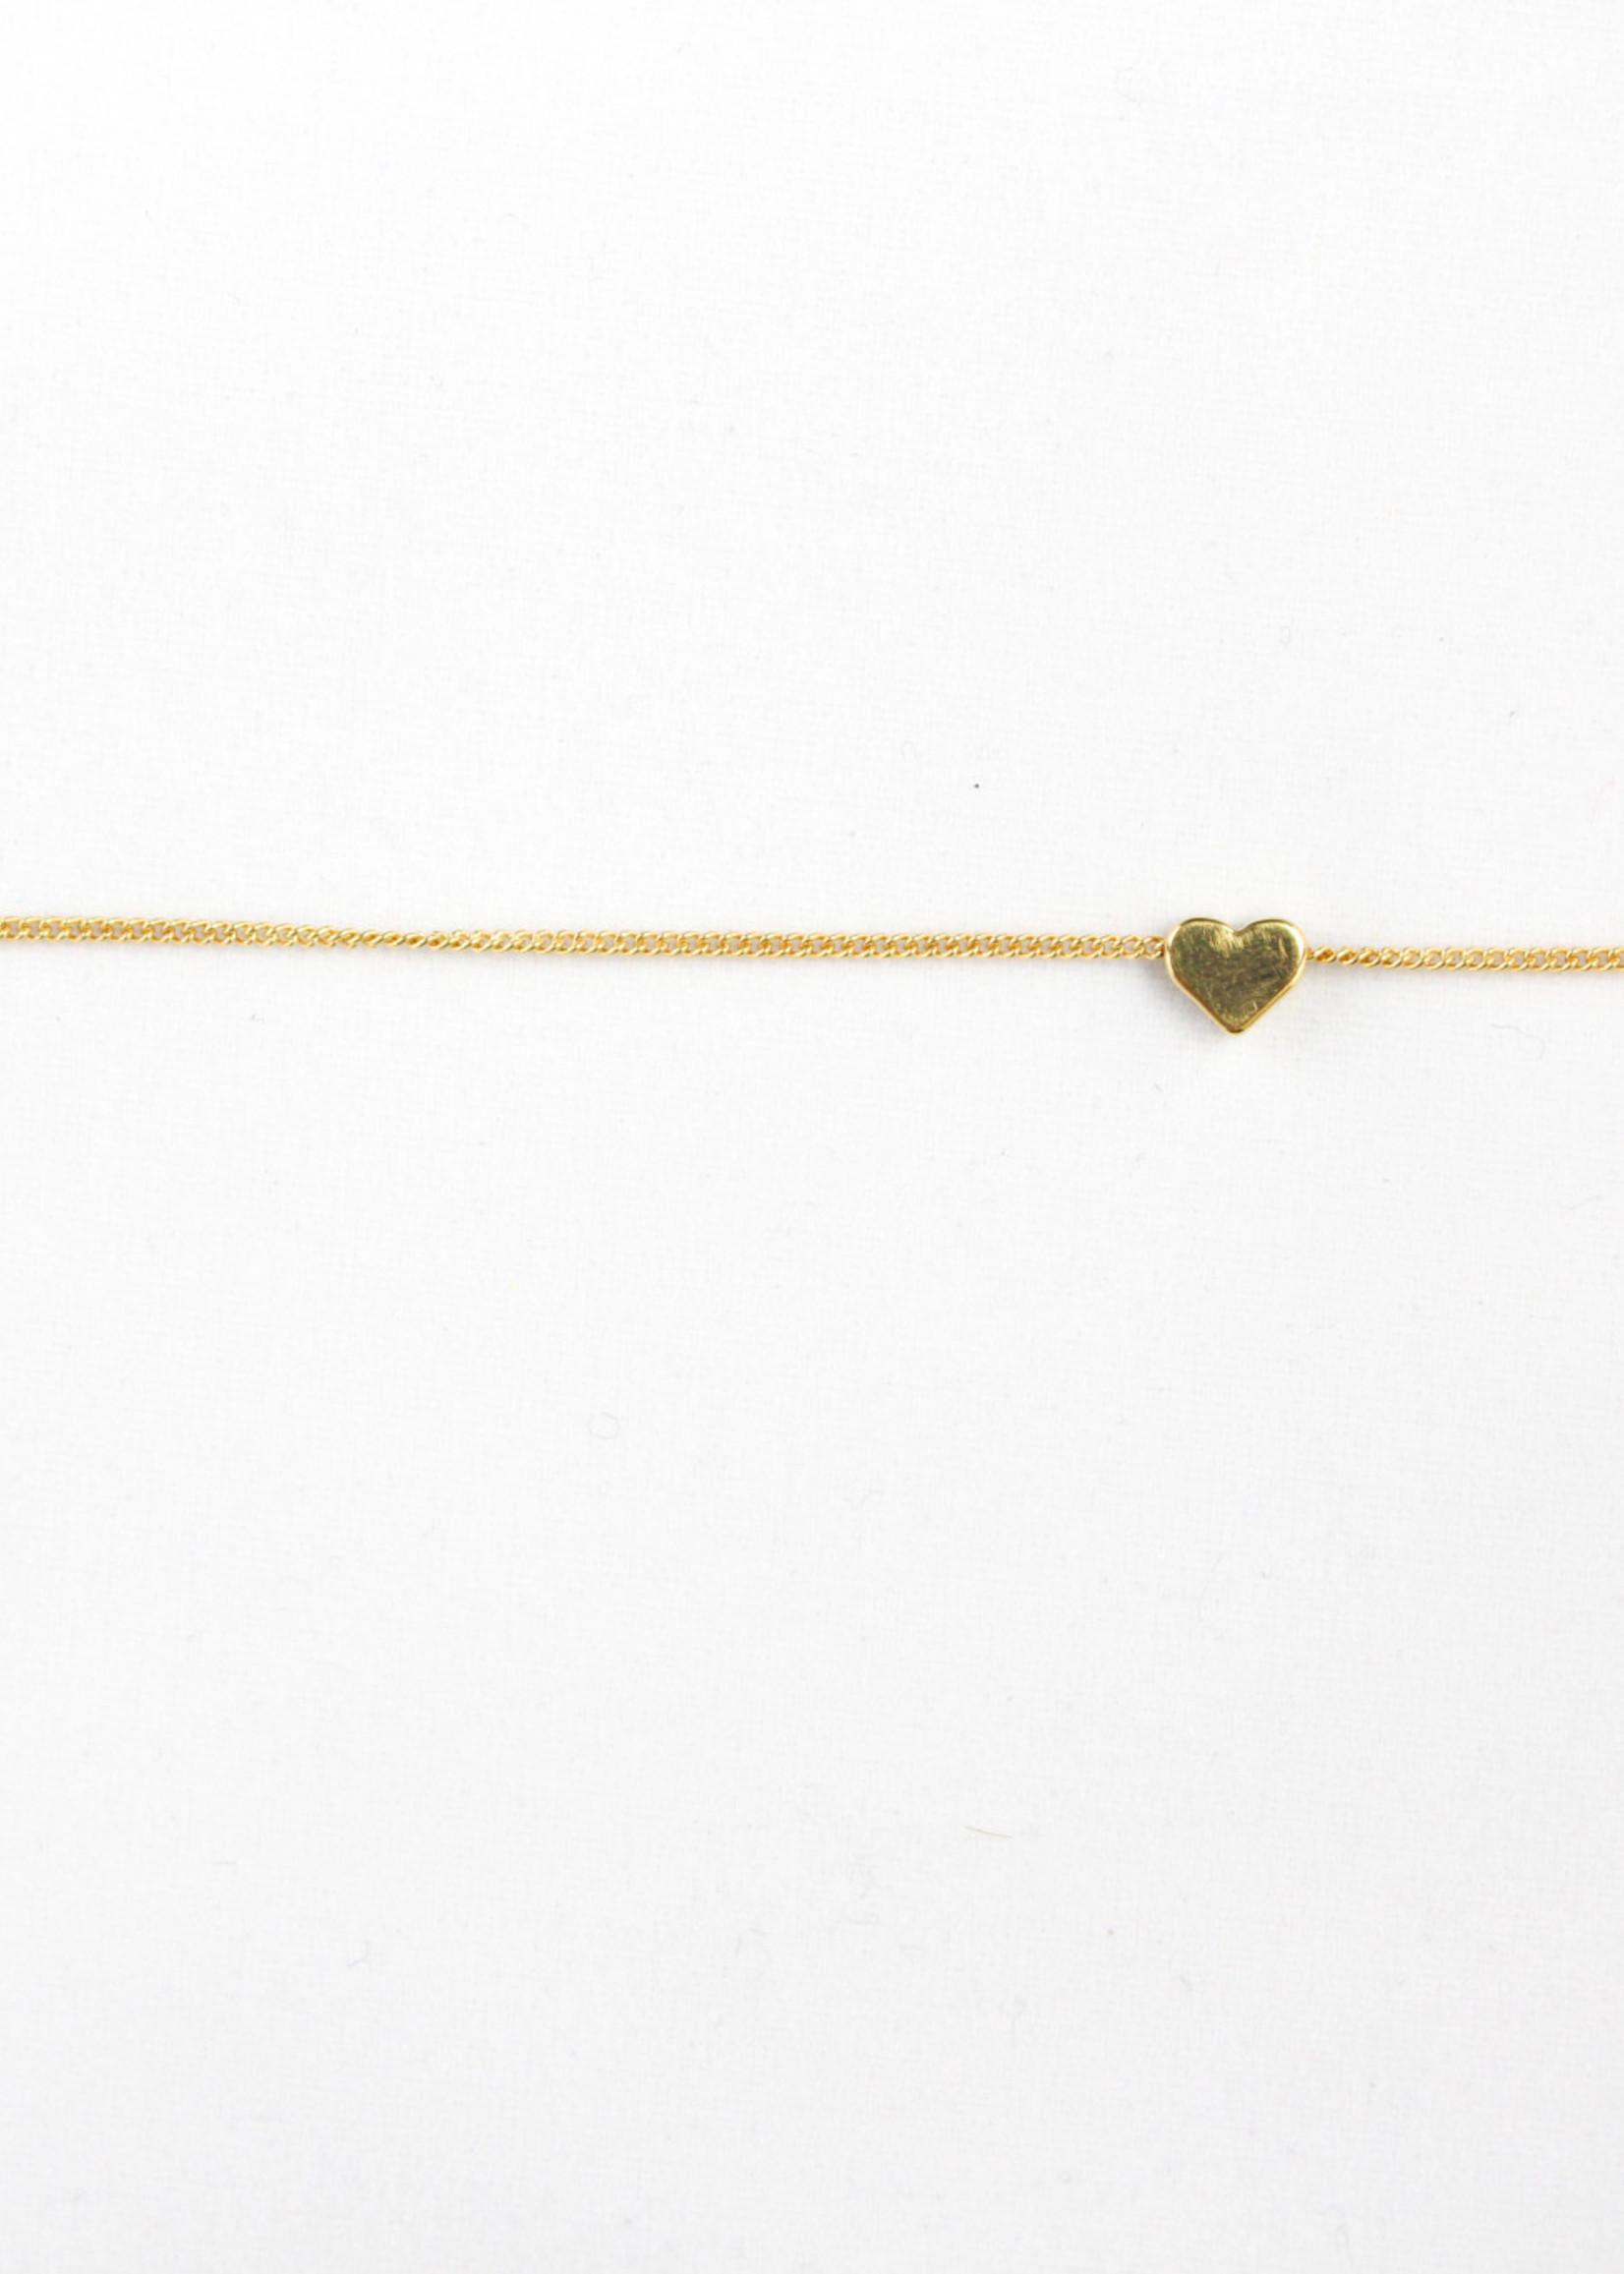 Essyello Full-Heart Bracelet